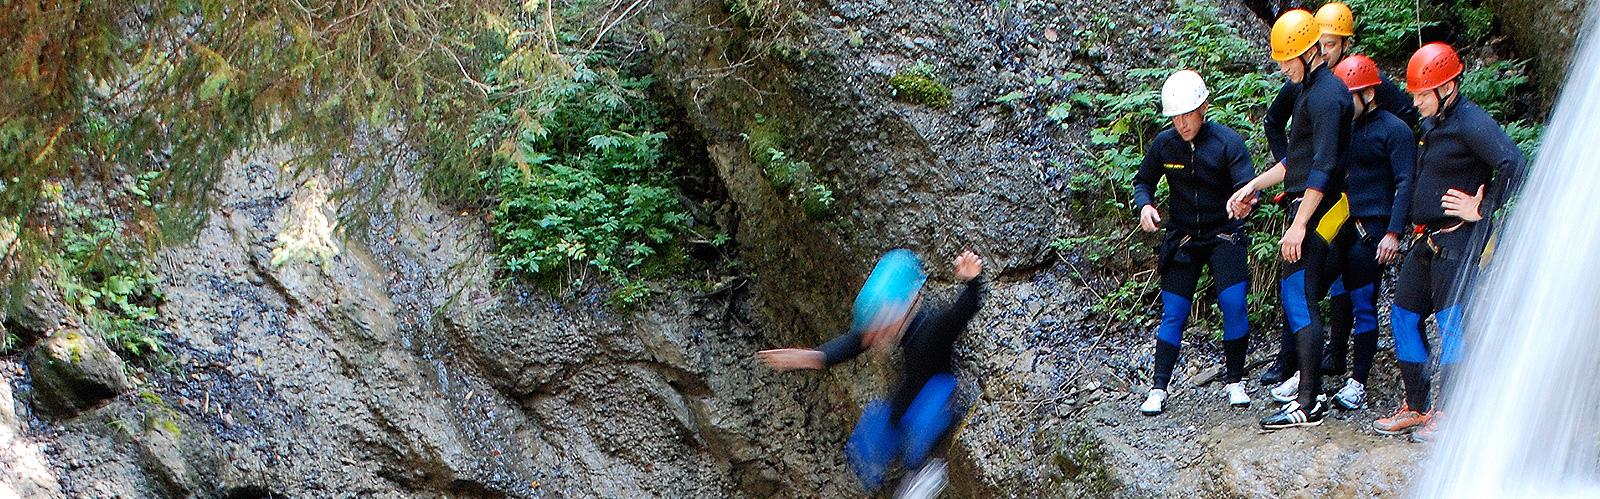 slider-canyoning-fuer-schulklassen